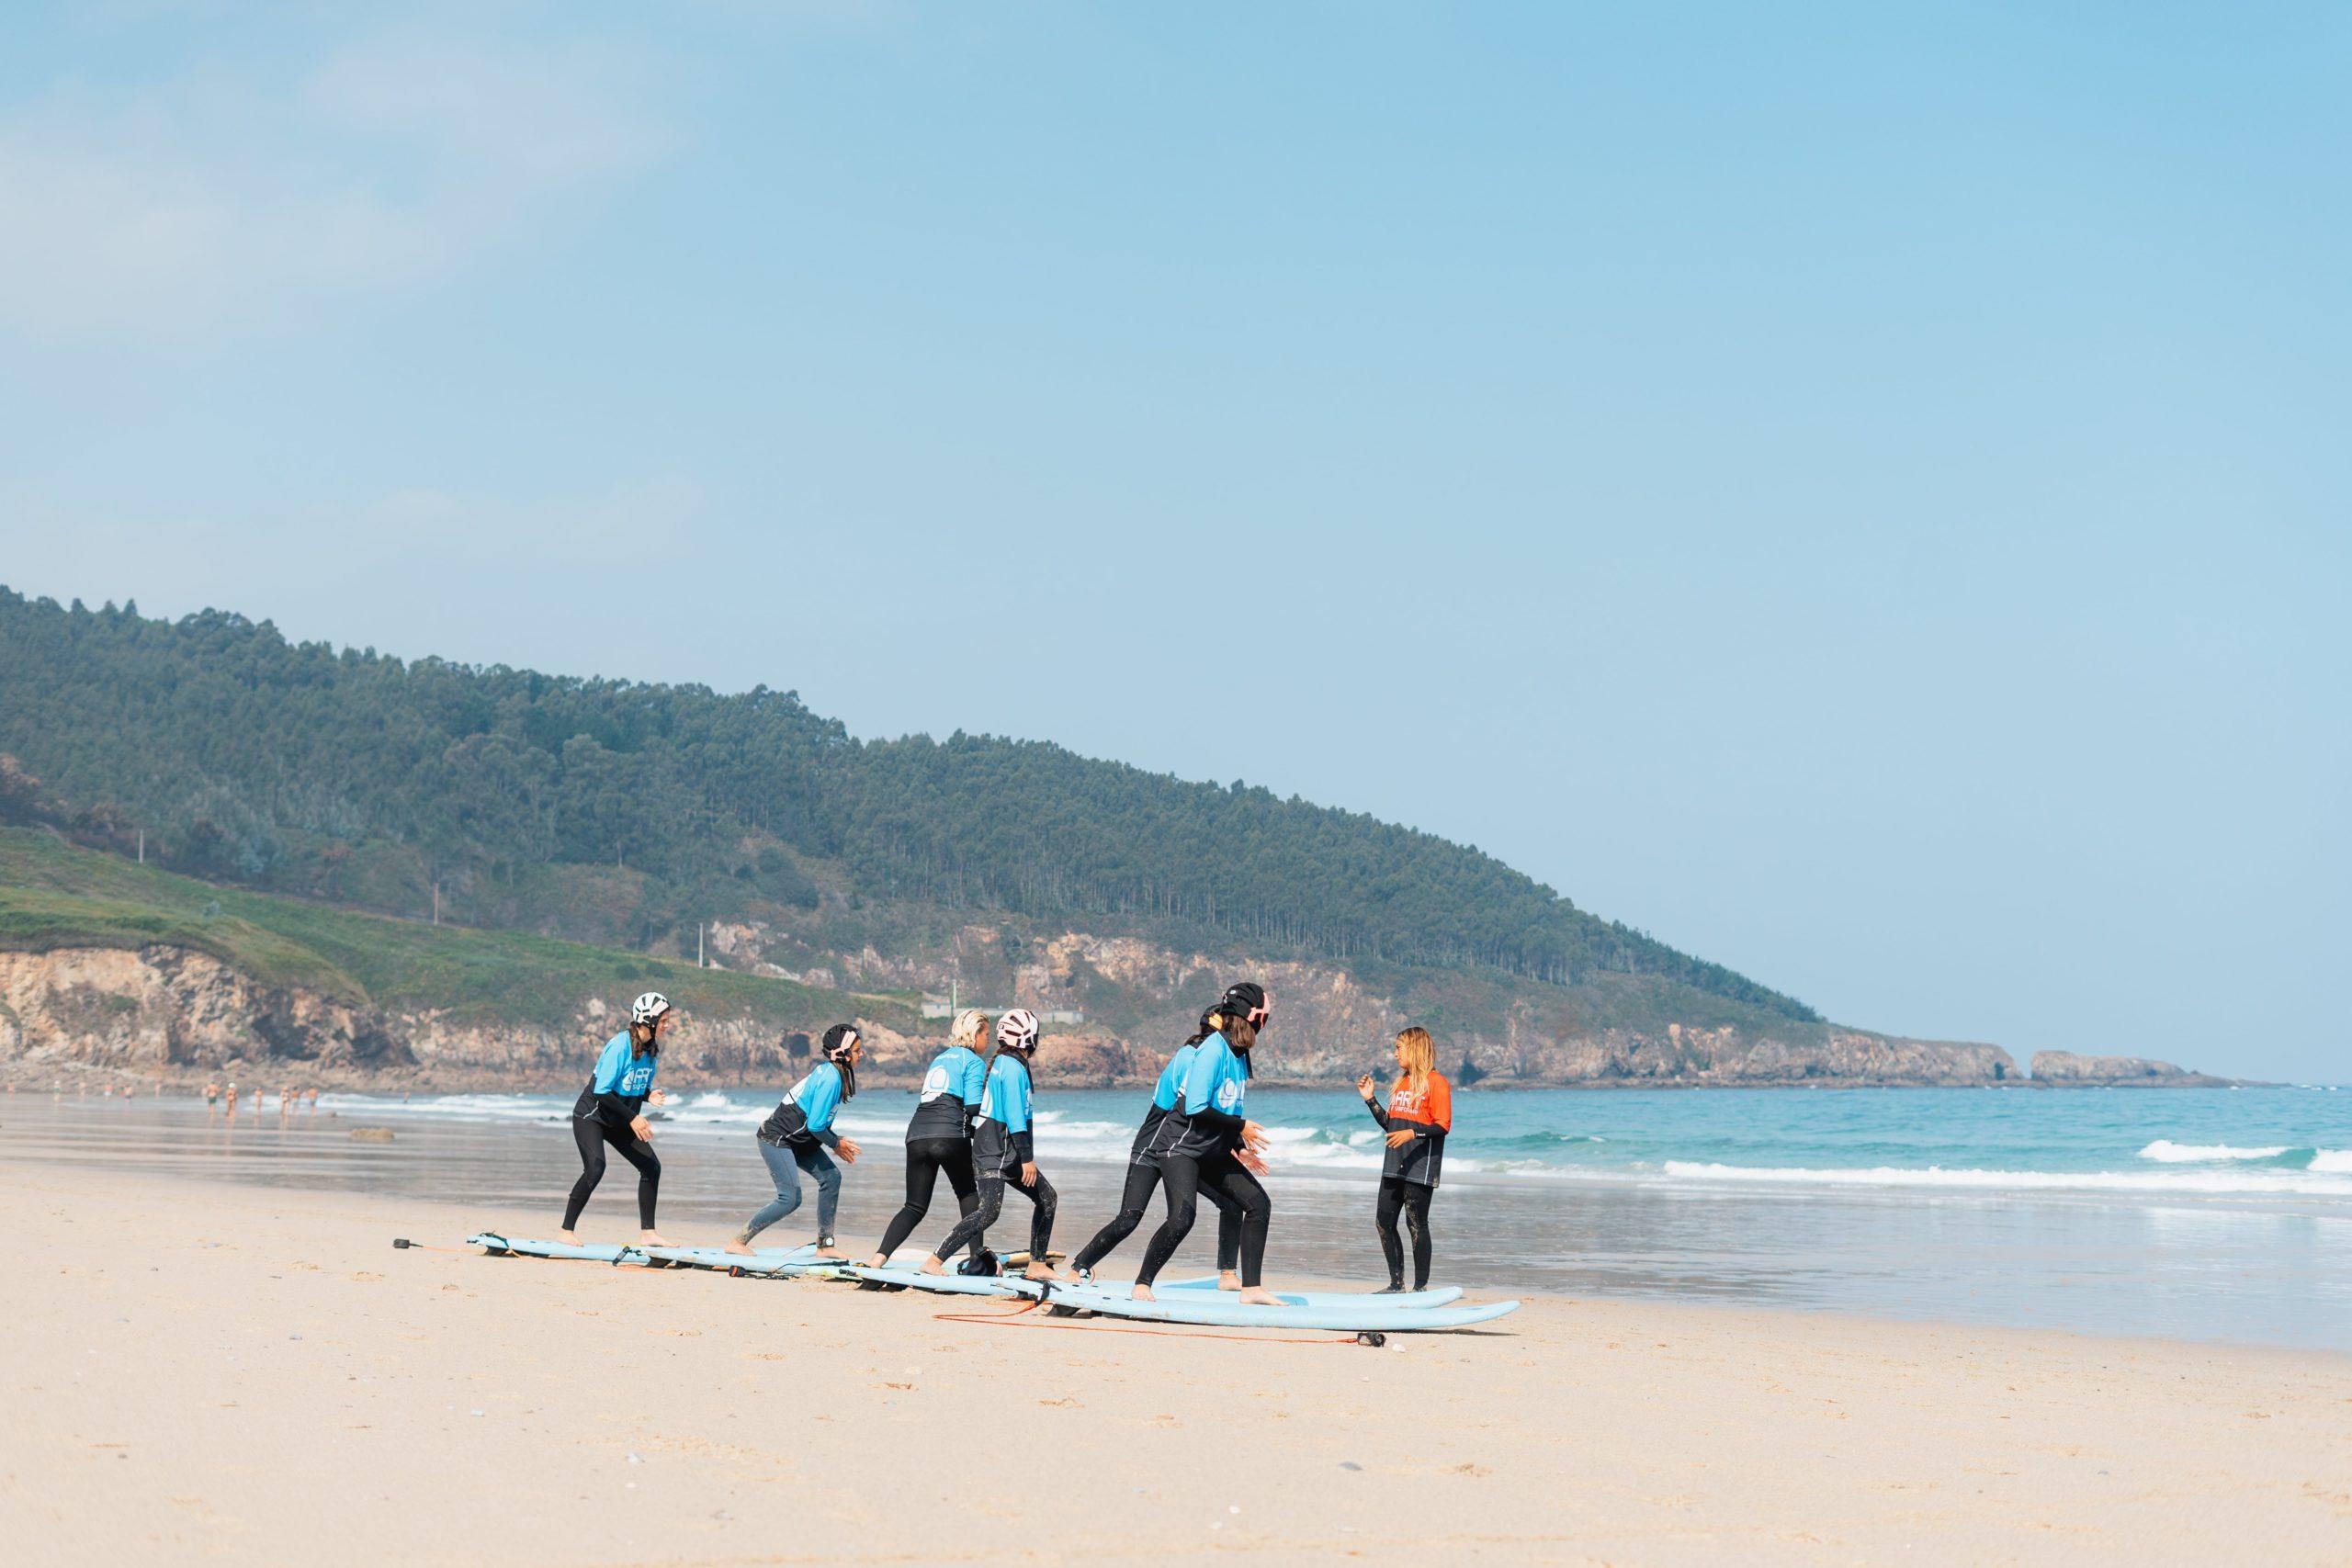 Ejercicios De Calentamiento Previos Al Surfing